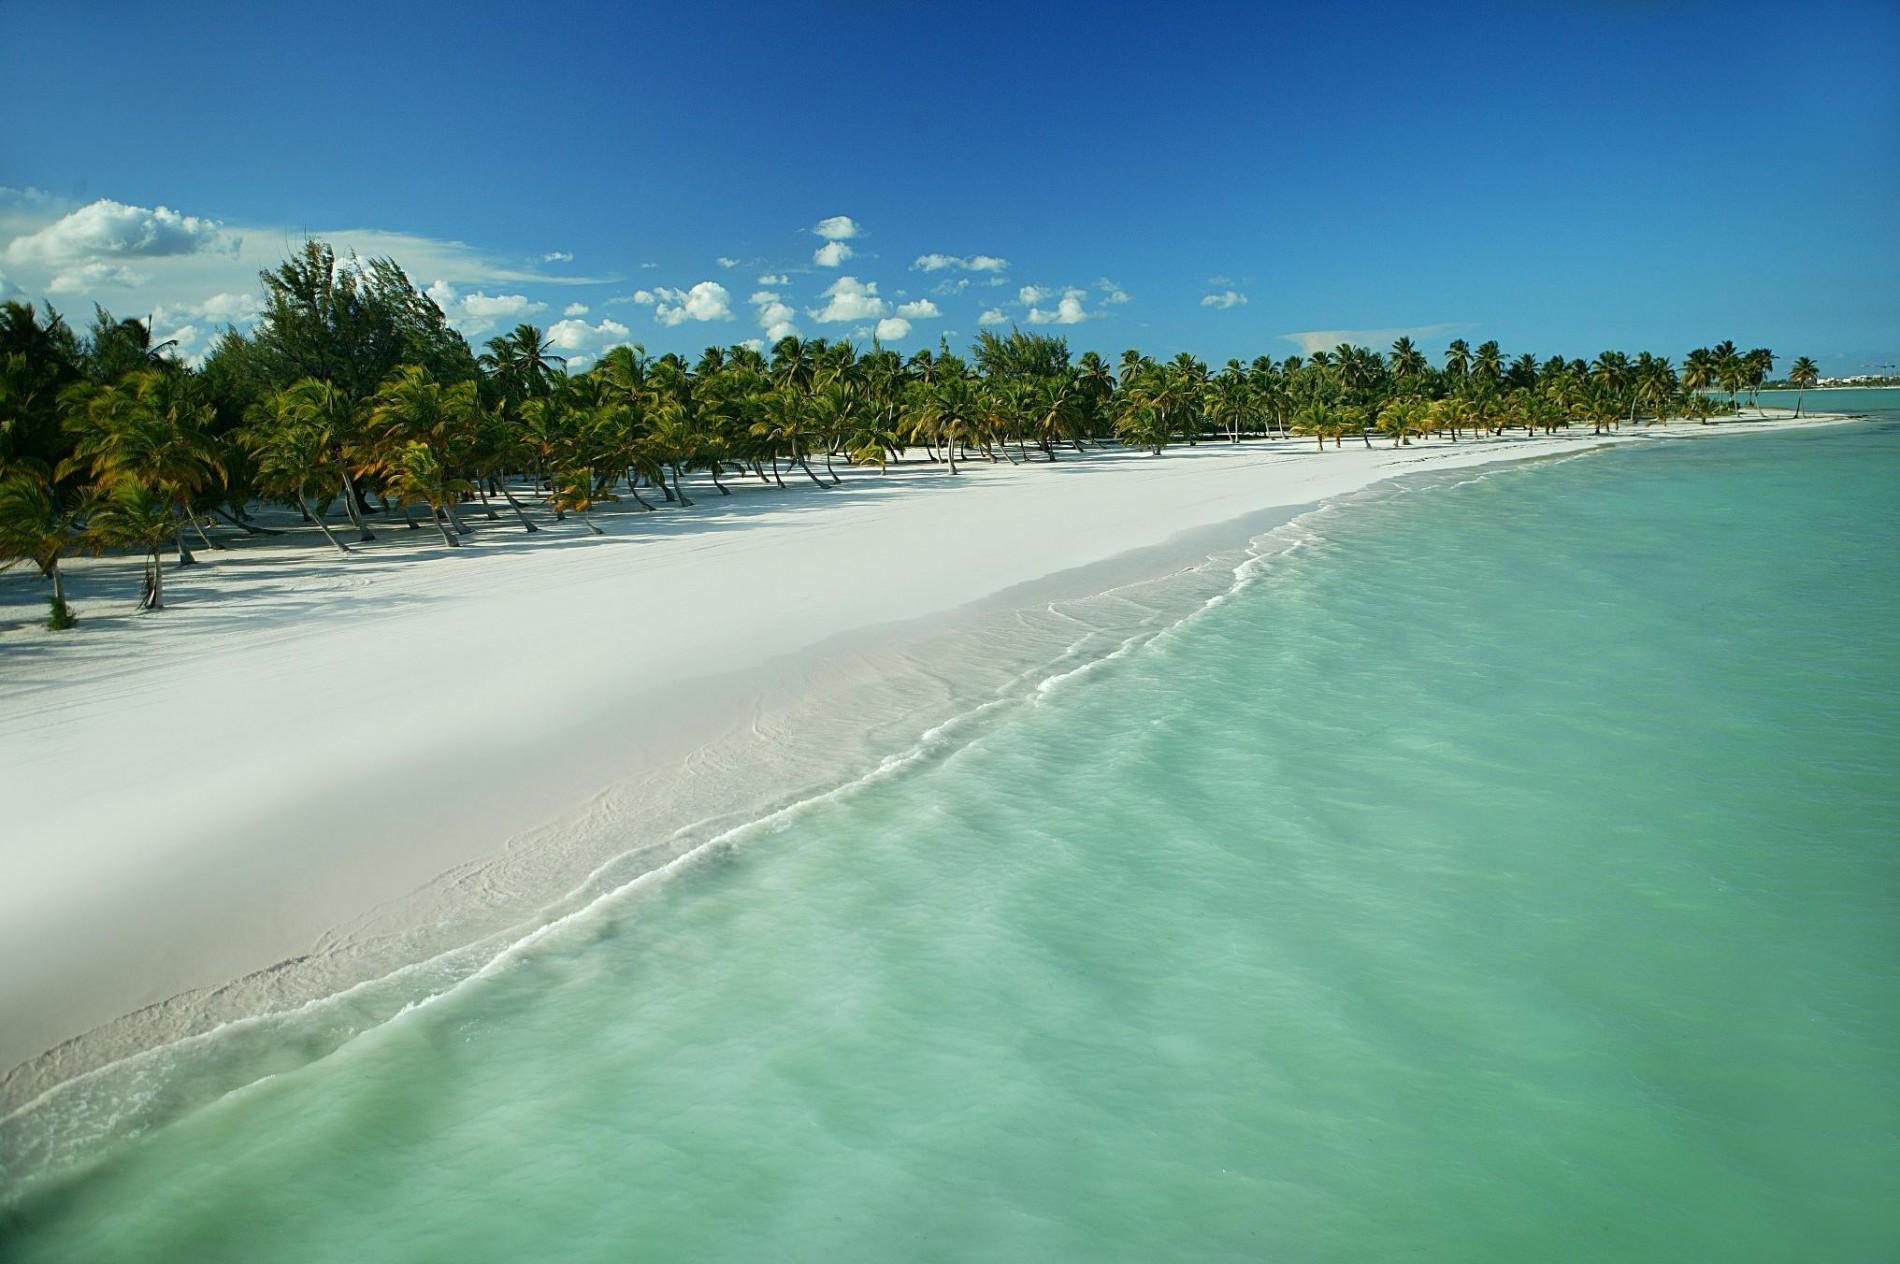 playa-juanillo-2022697648